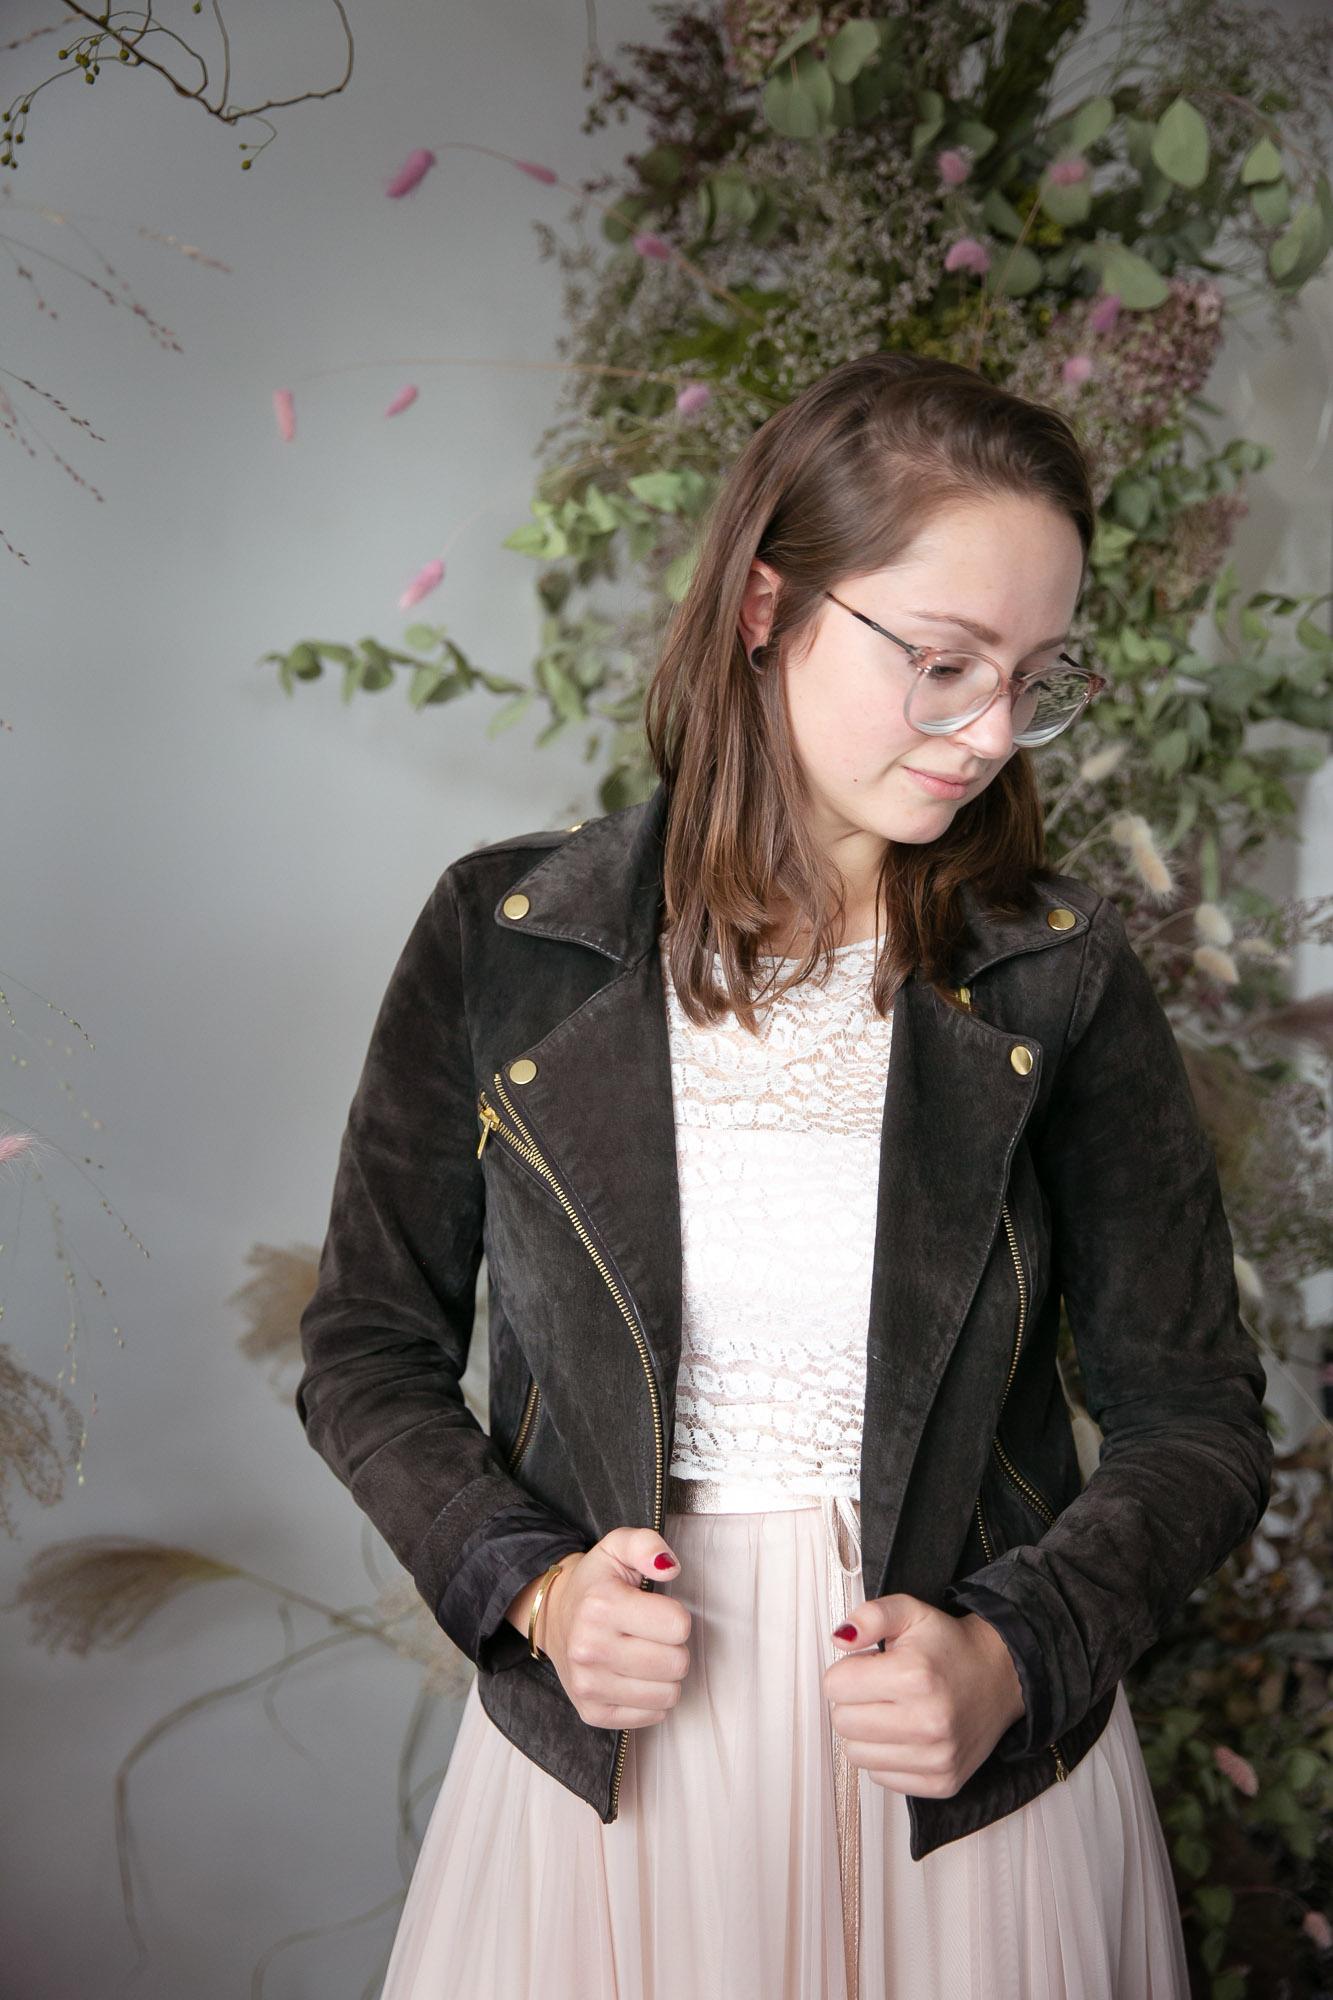 noni Brautkleider, halb-transparentes Brauttop mit Croco-Spitze zu schwarzer Lederjacke und langem Tüllrock in Blush